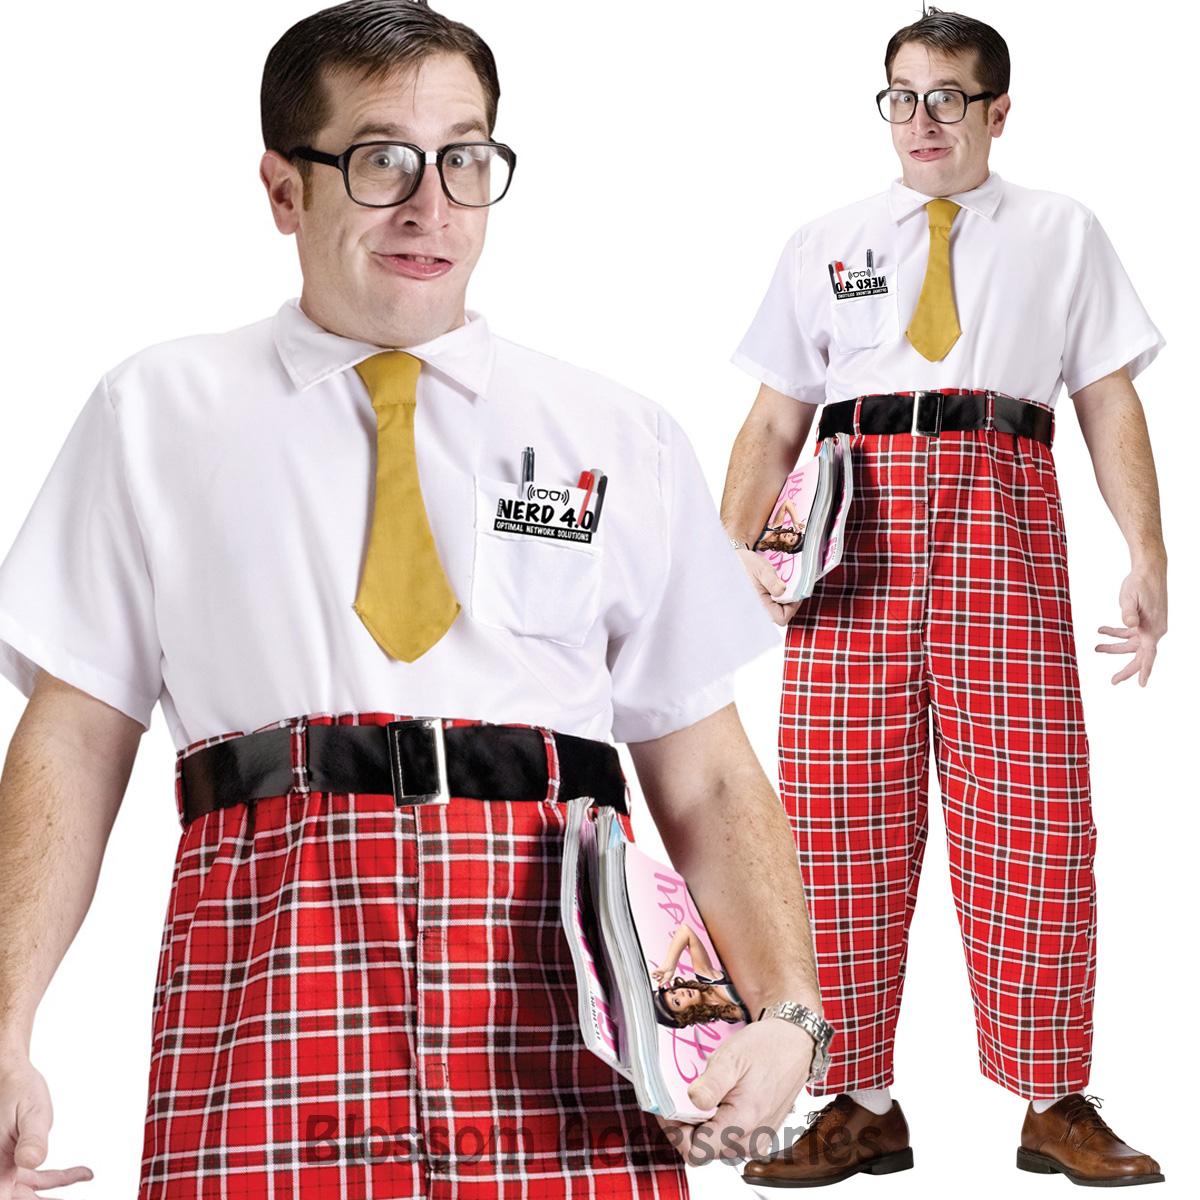 Cl771 50s Nerd Geek School Uniform Funny College Retro